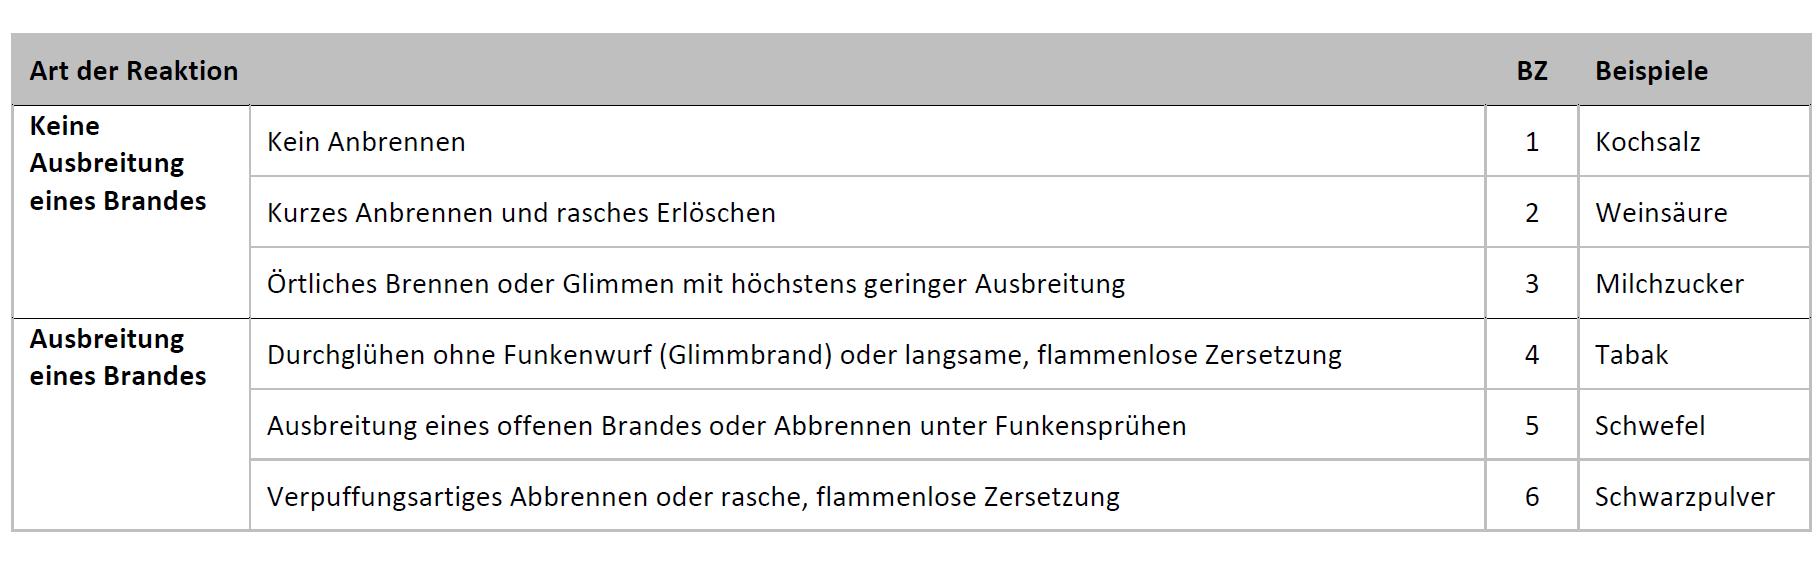 Klassifizierung der Brennzahlen.